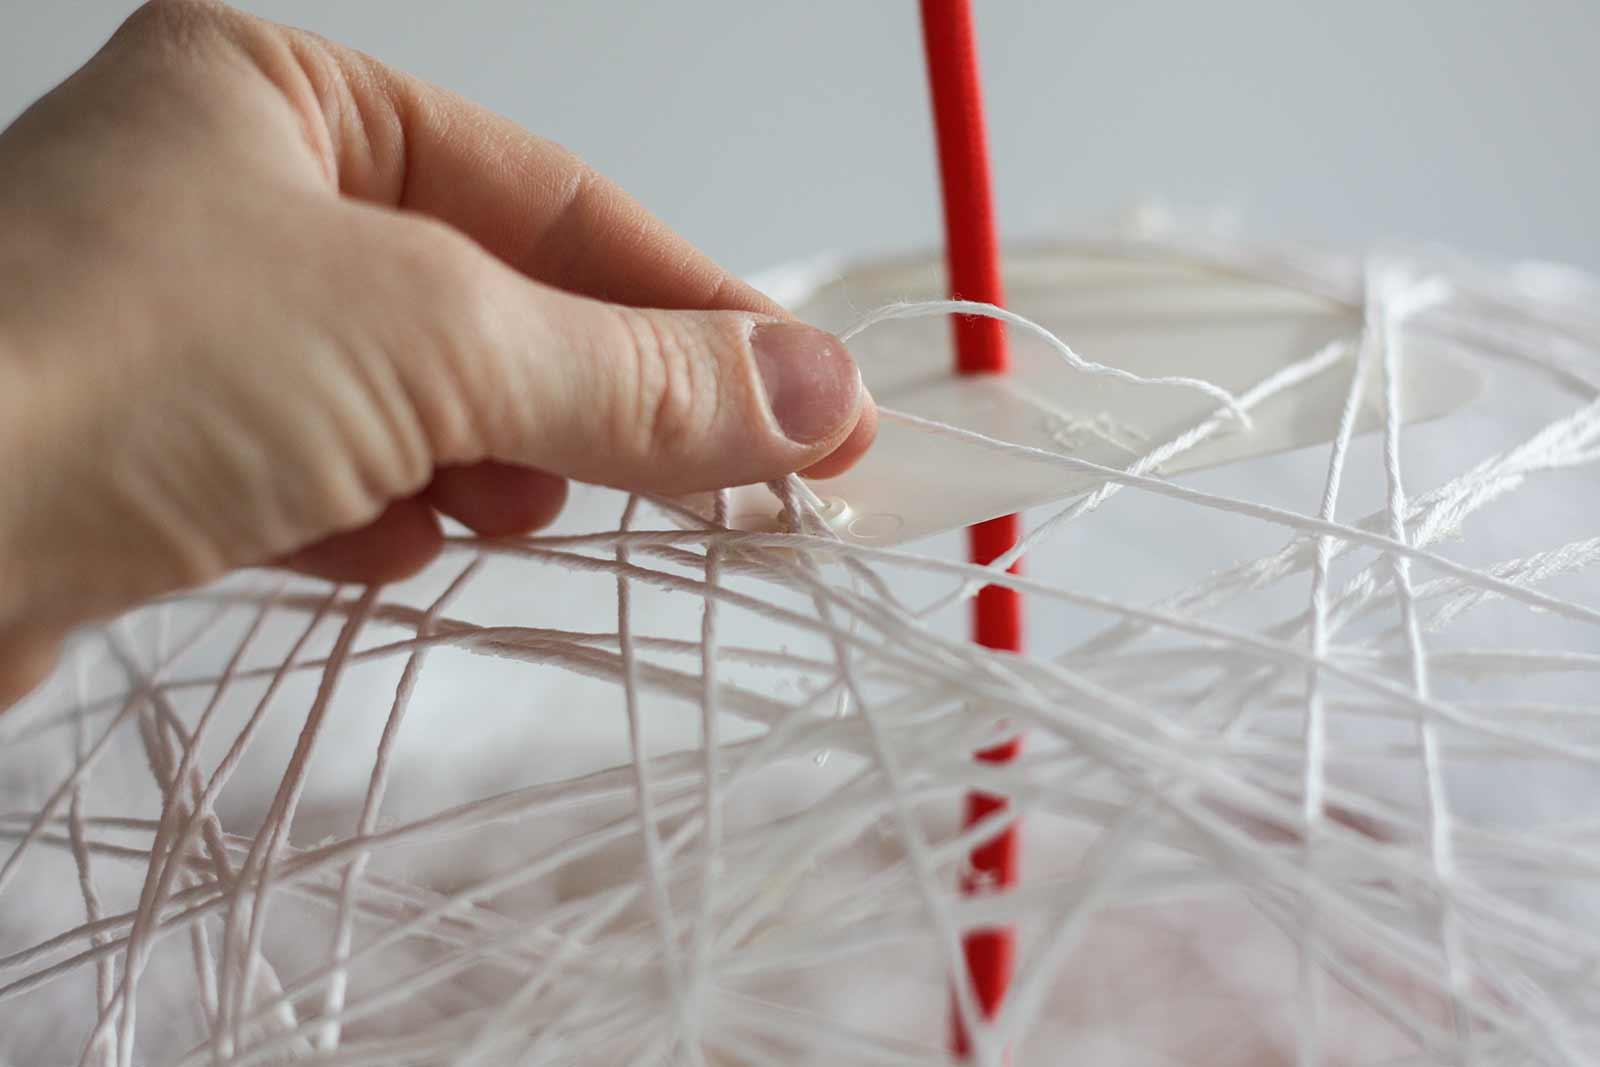 DIY - Hängelampe | Kabel einfügen